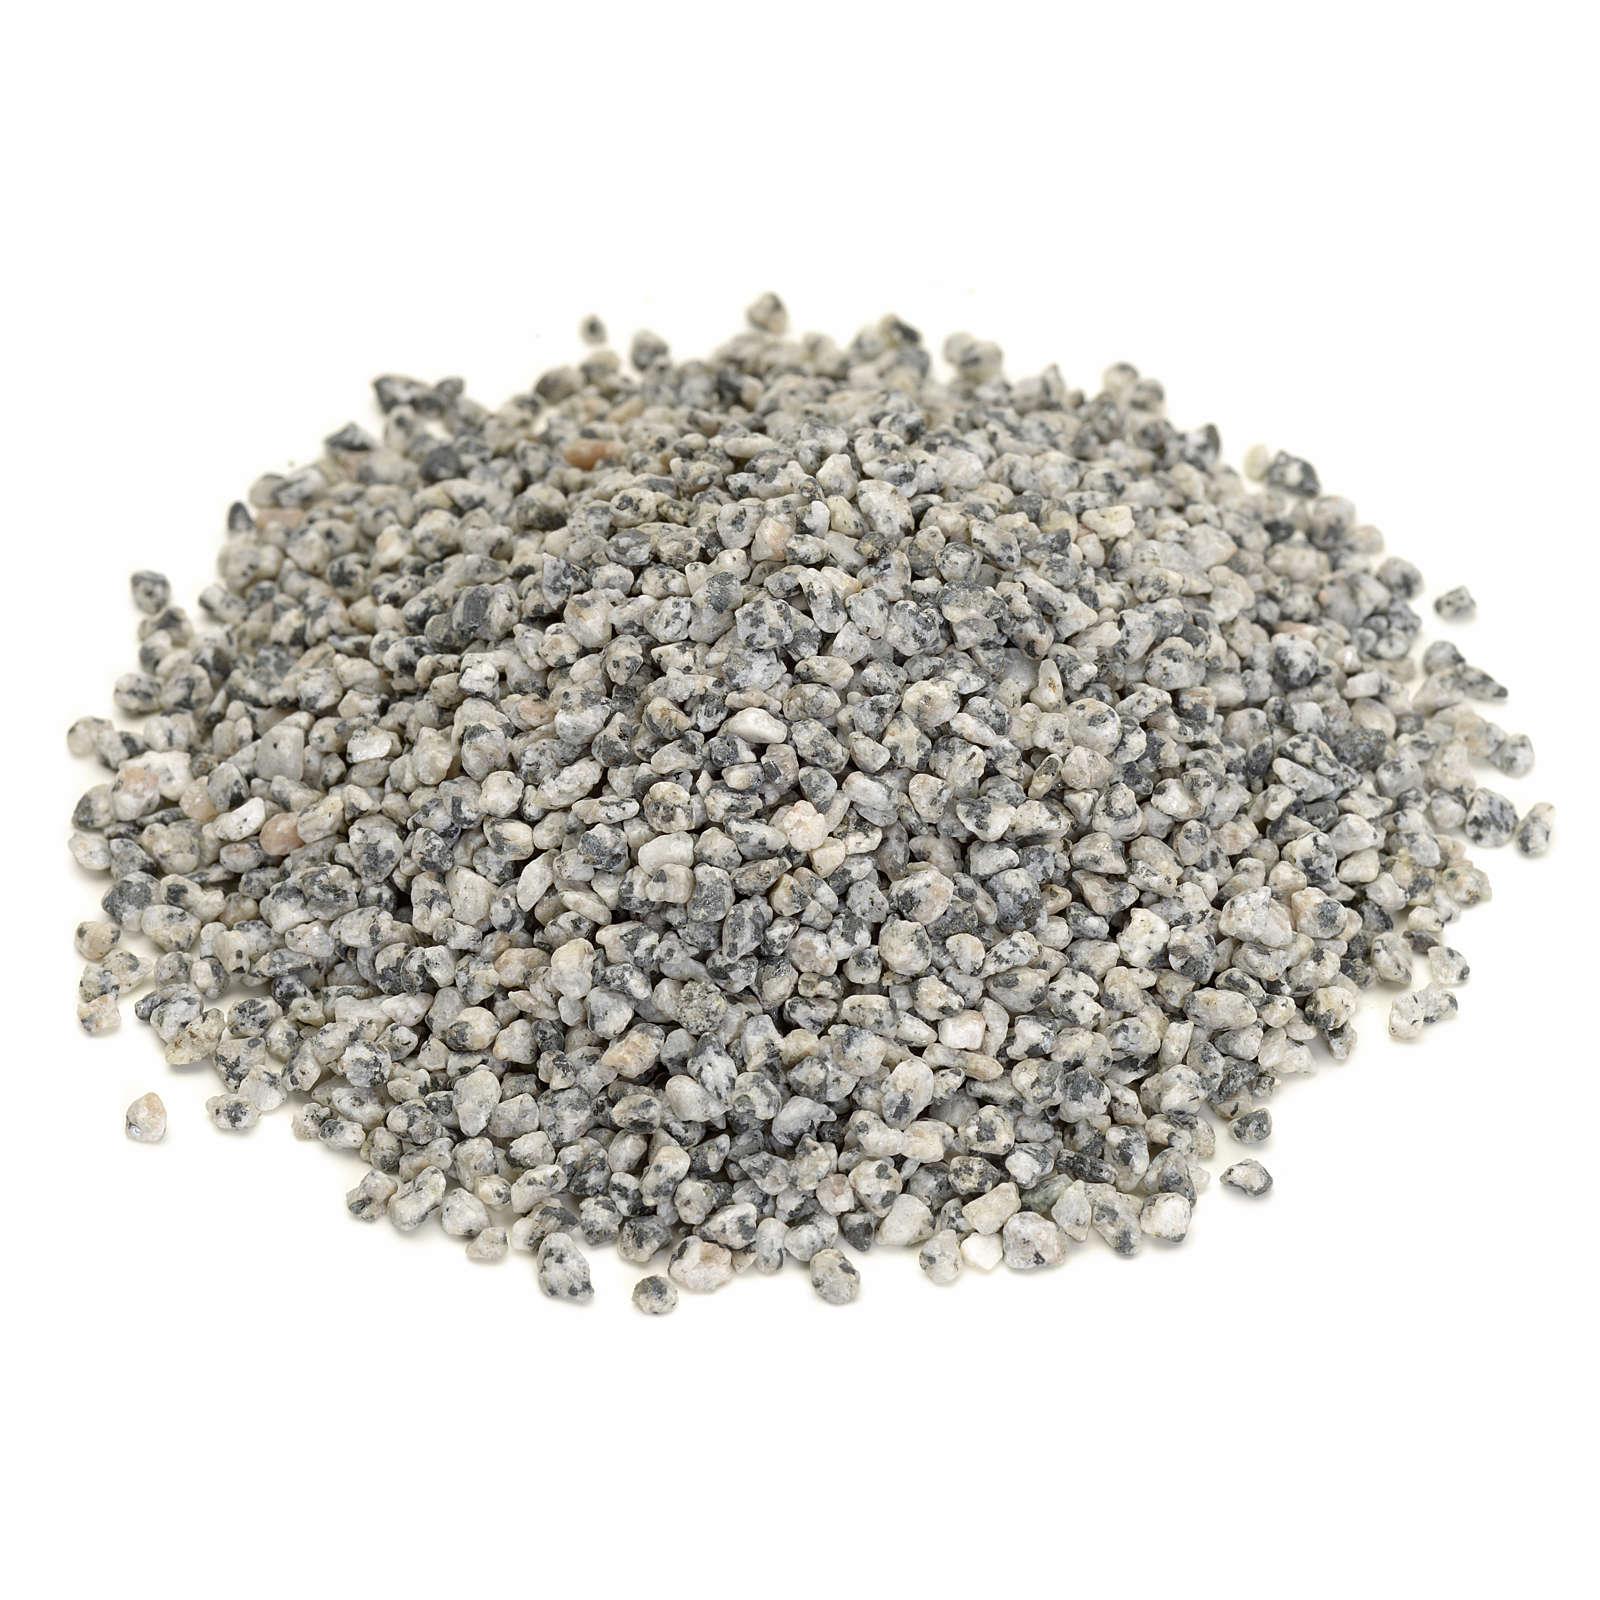 Nativity accessory, fine grey gravel for do-it-yourself nativiti 4